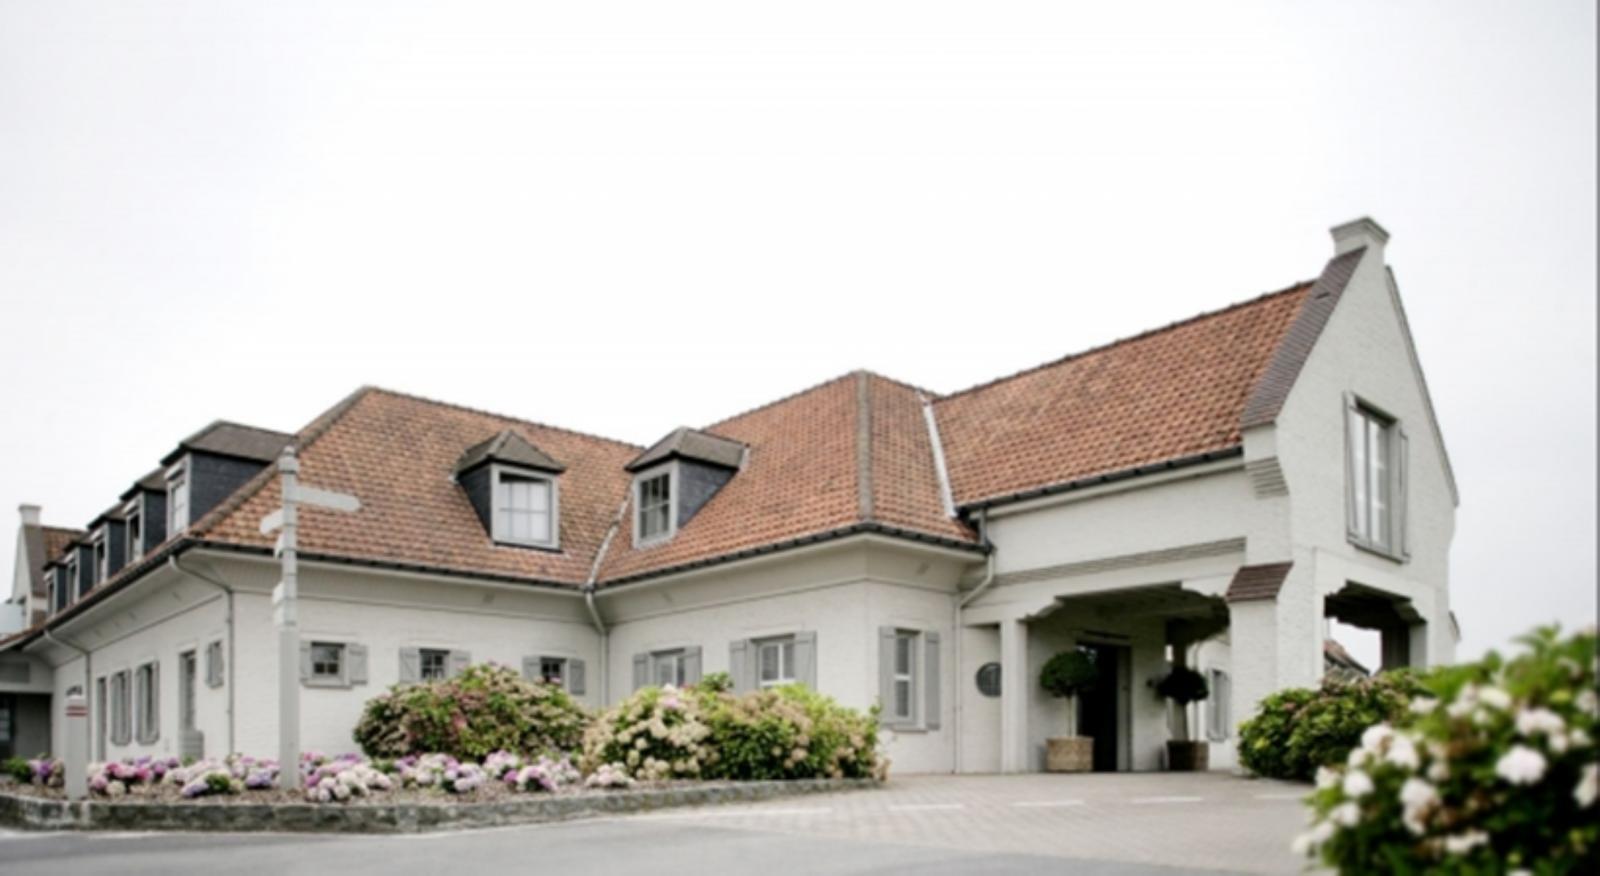 Klokhof - Feestzaal - House of Weddings (1)